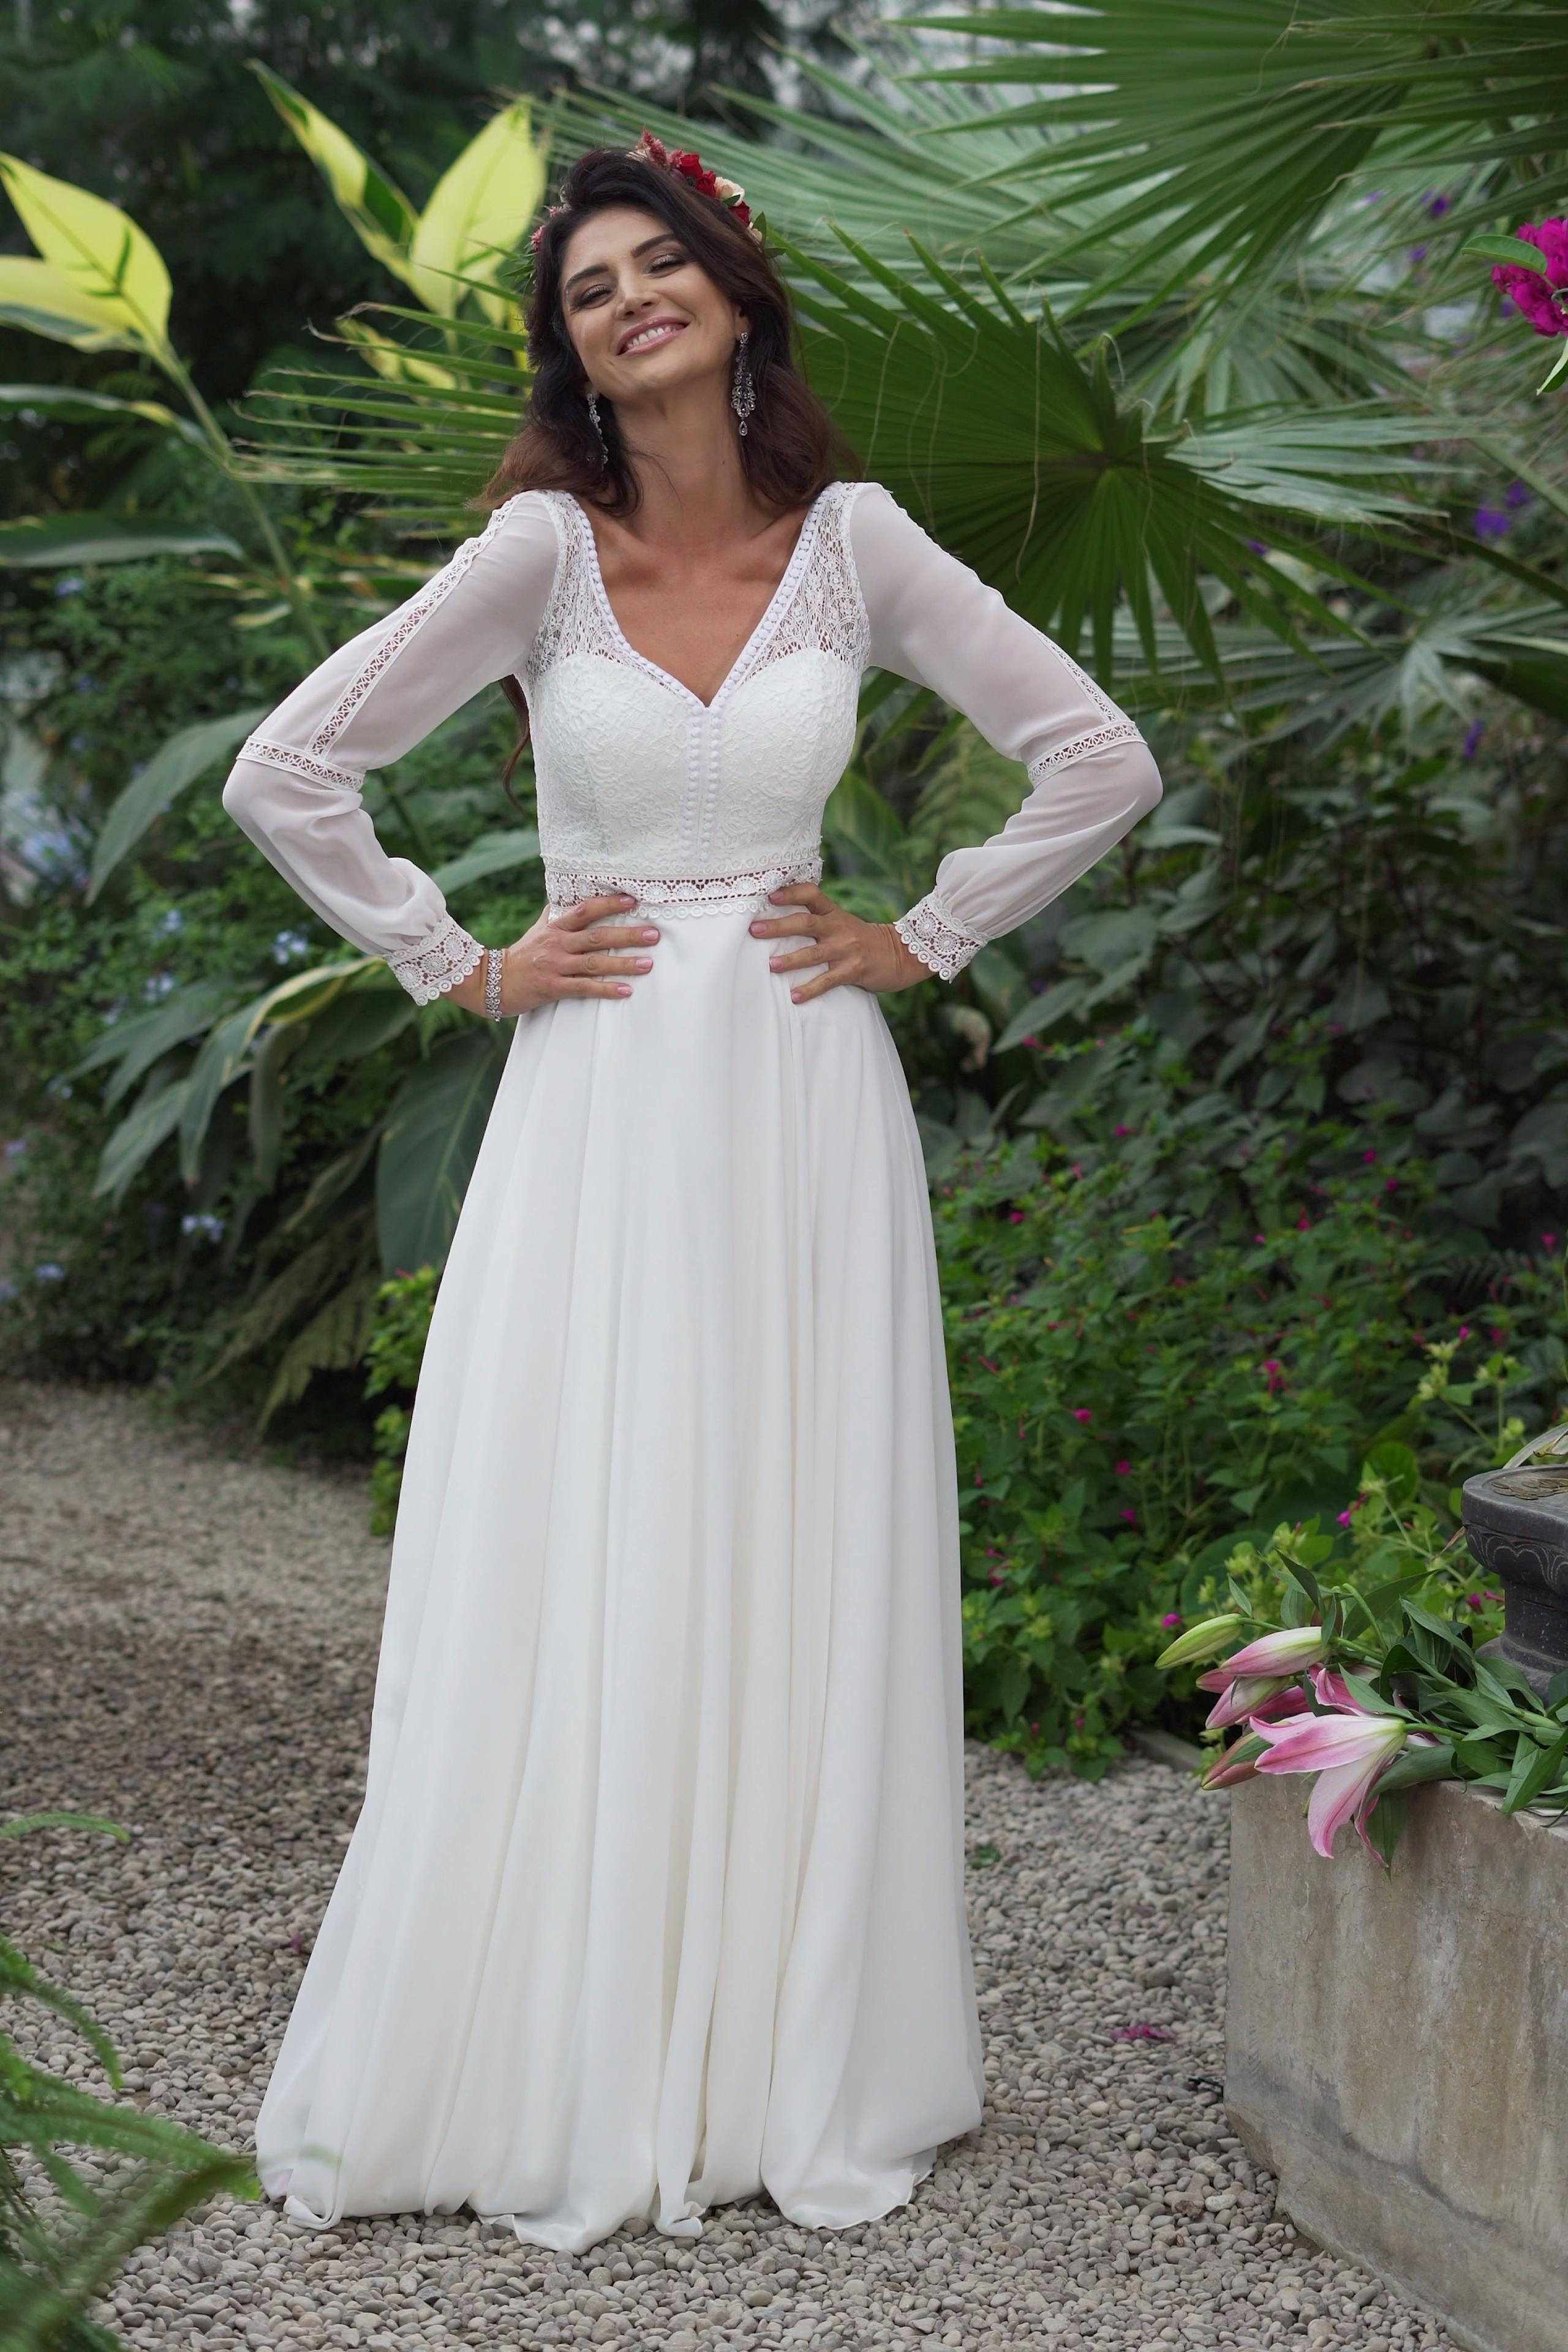 Suknia Slubna W Stylu Boho Z Dlugim Rekawem Layla Nowa Kolekcja Pracowni Dama Coutu Video Wedding Dress Long Sleeve Western Style Wedding Dress Best Wedding Dresses